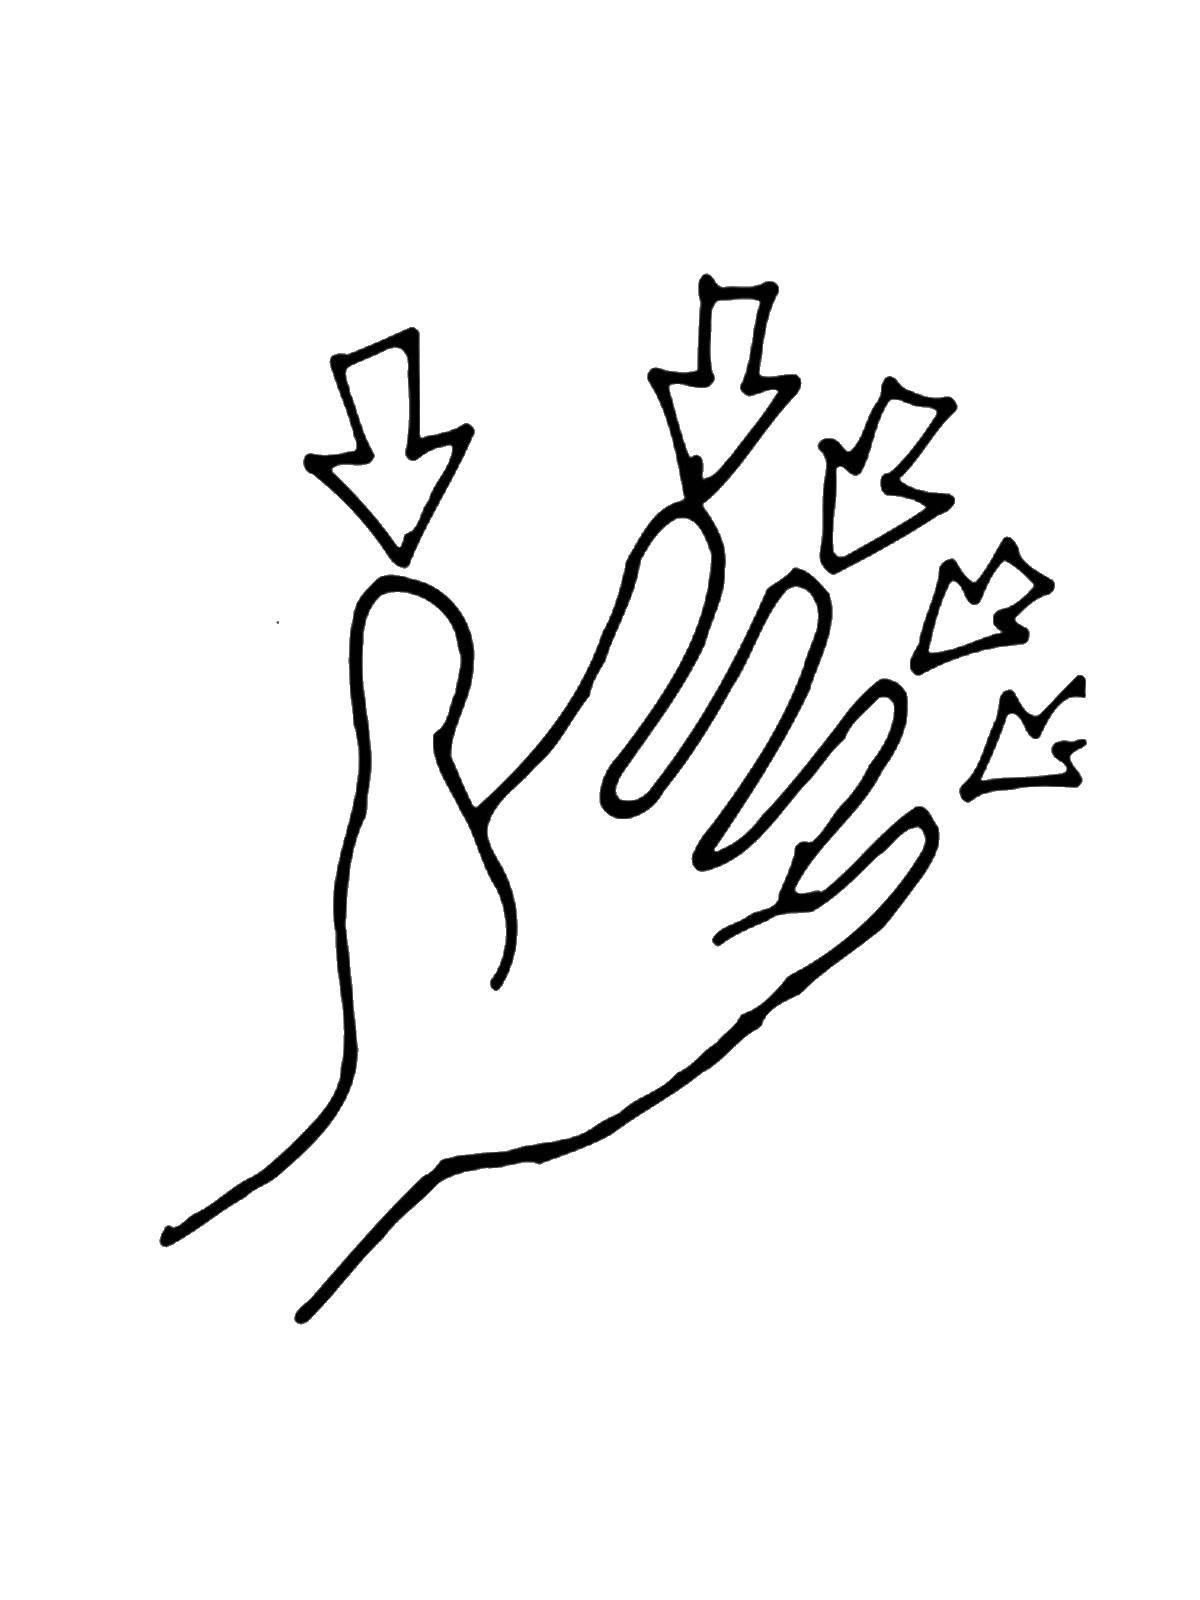 при картинки пальцы для раскрашивания лучше справа налево